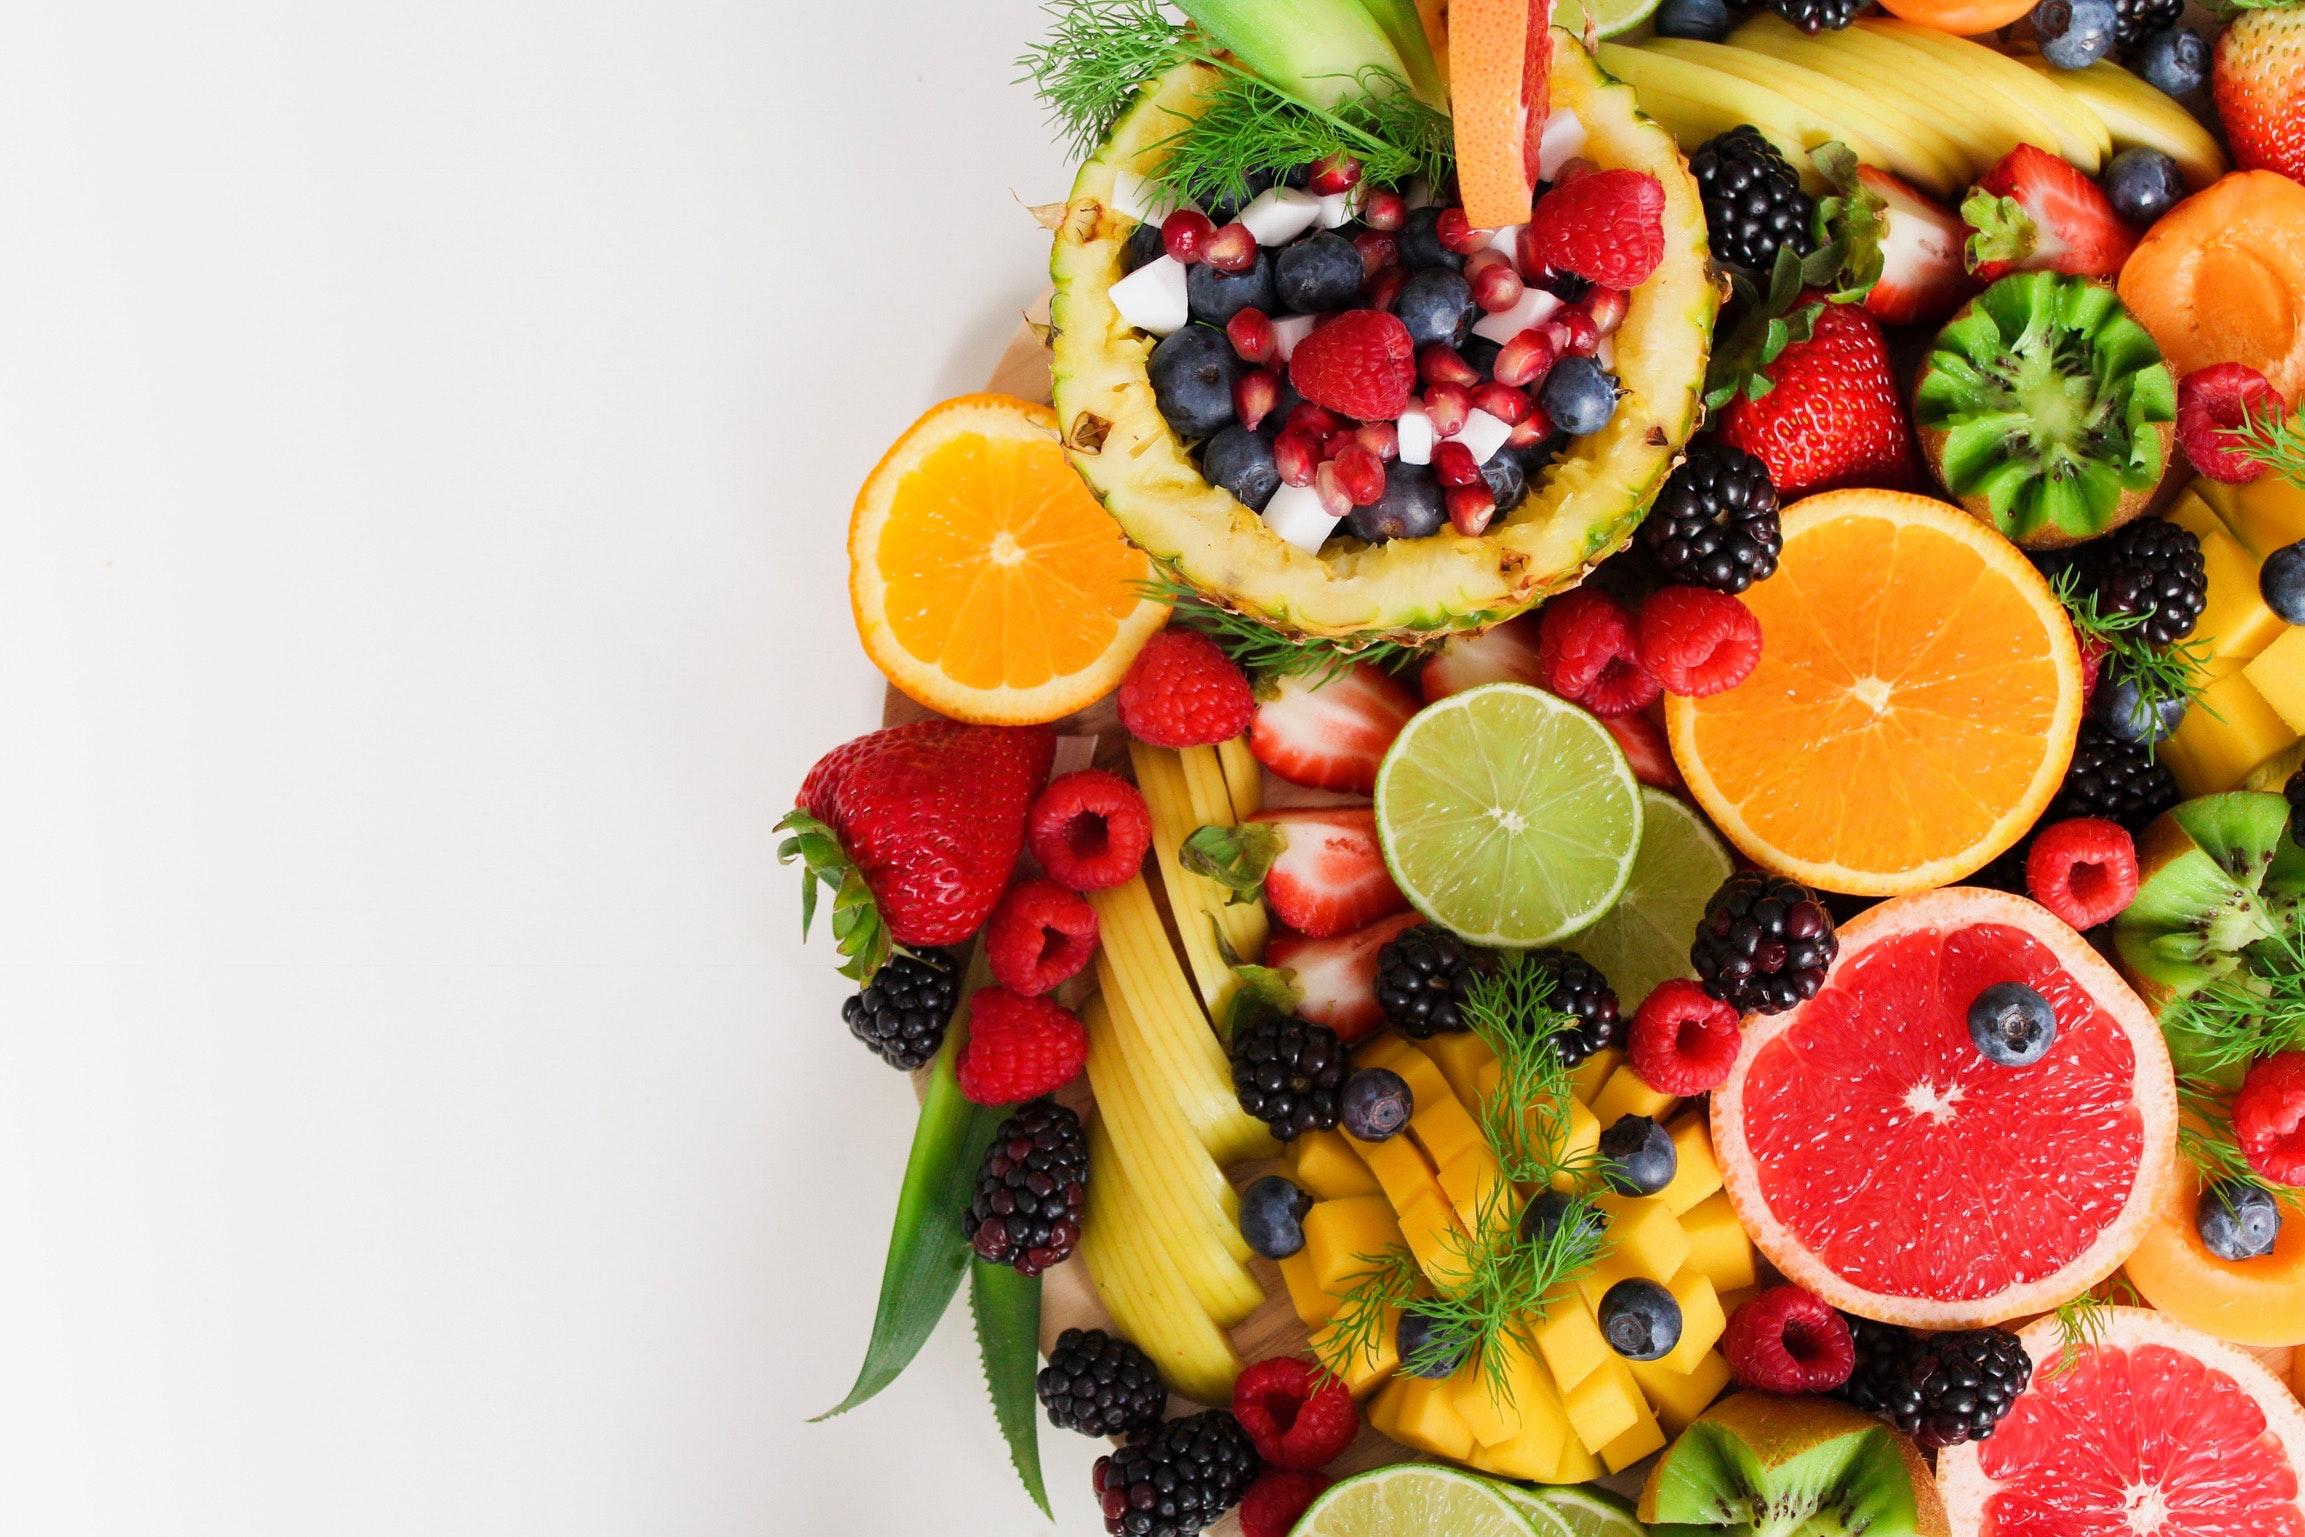 Wie ernähre ich mich gesund